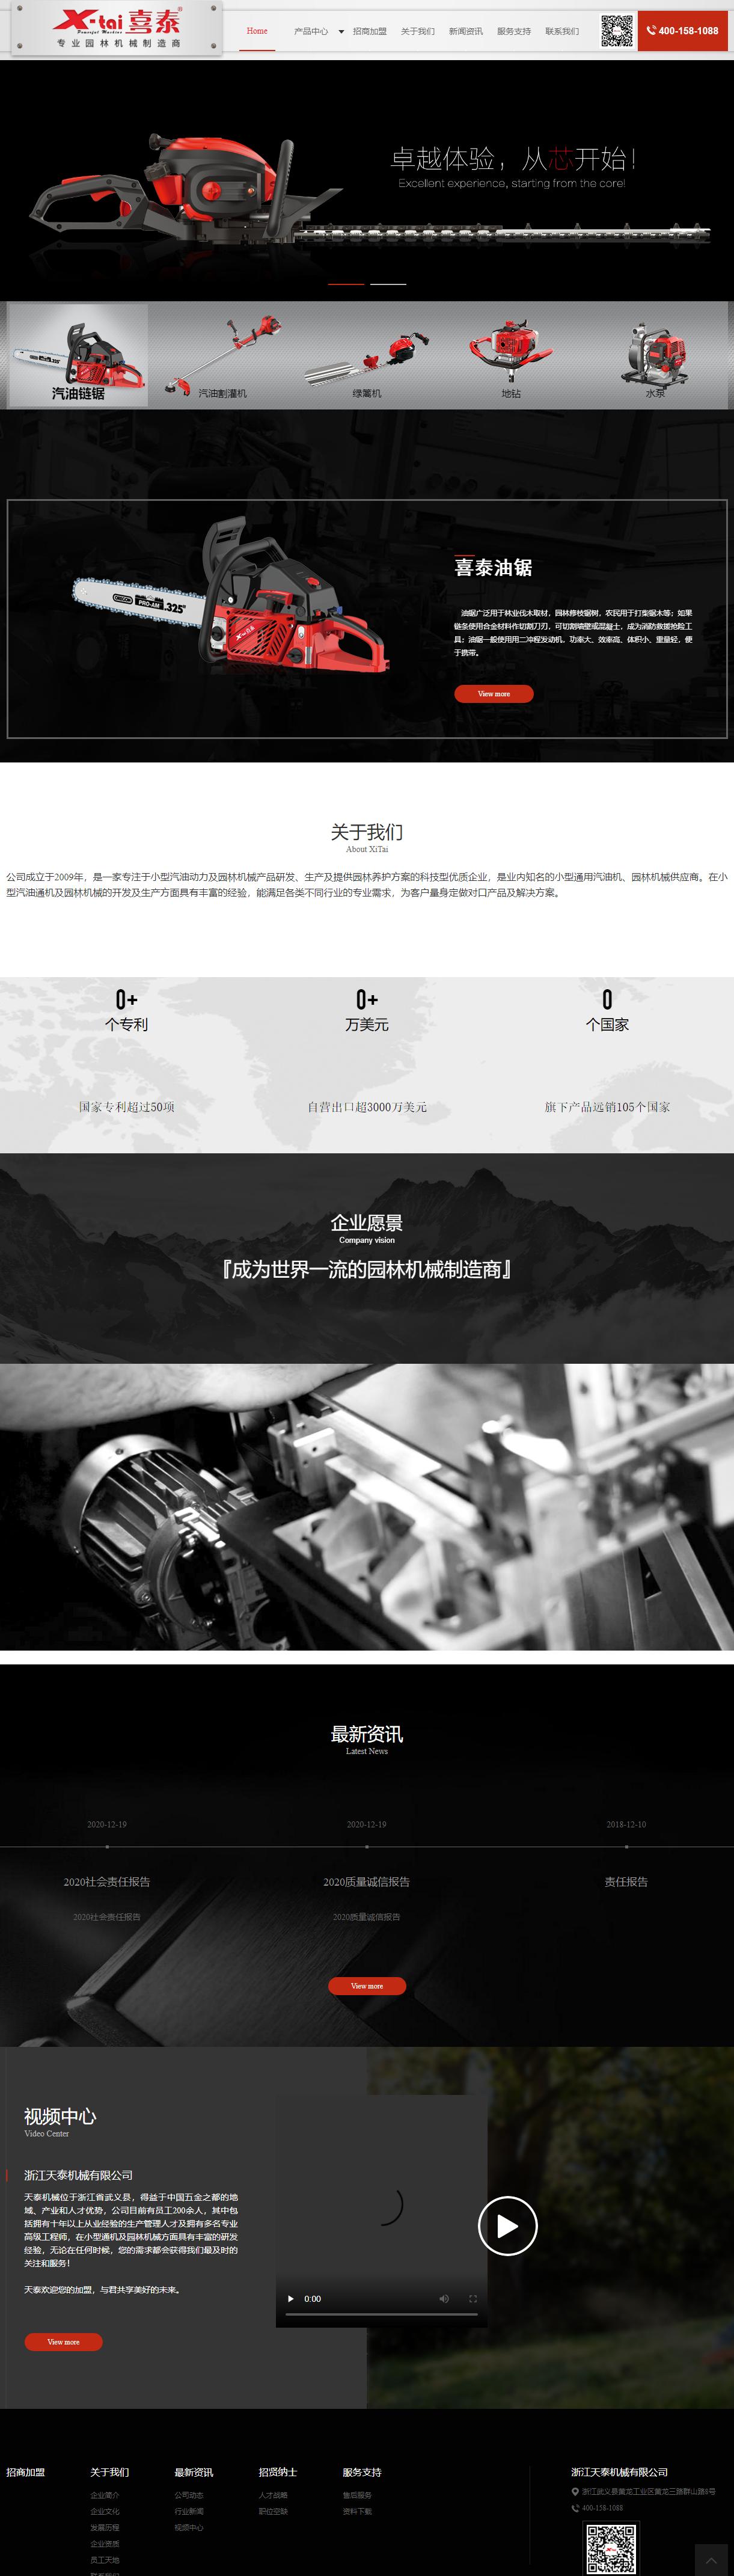 浙江天泰机械有限公司网站案例